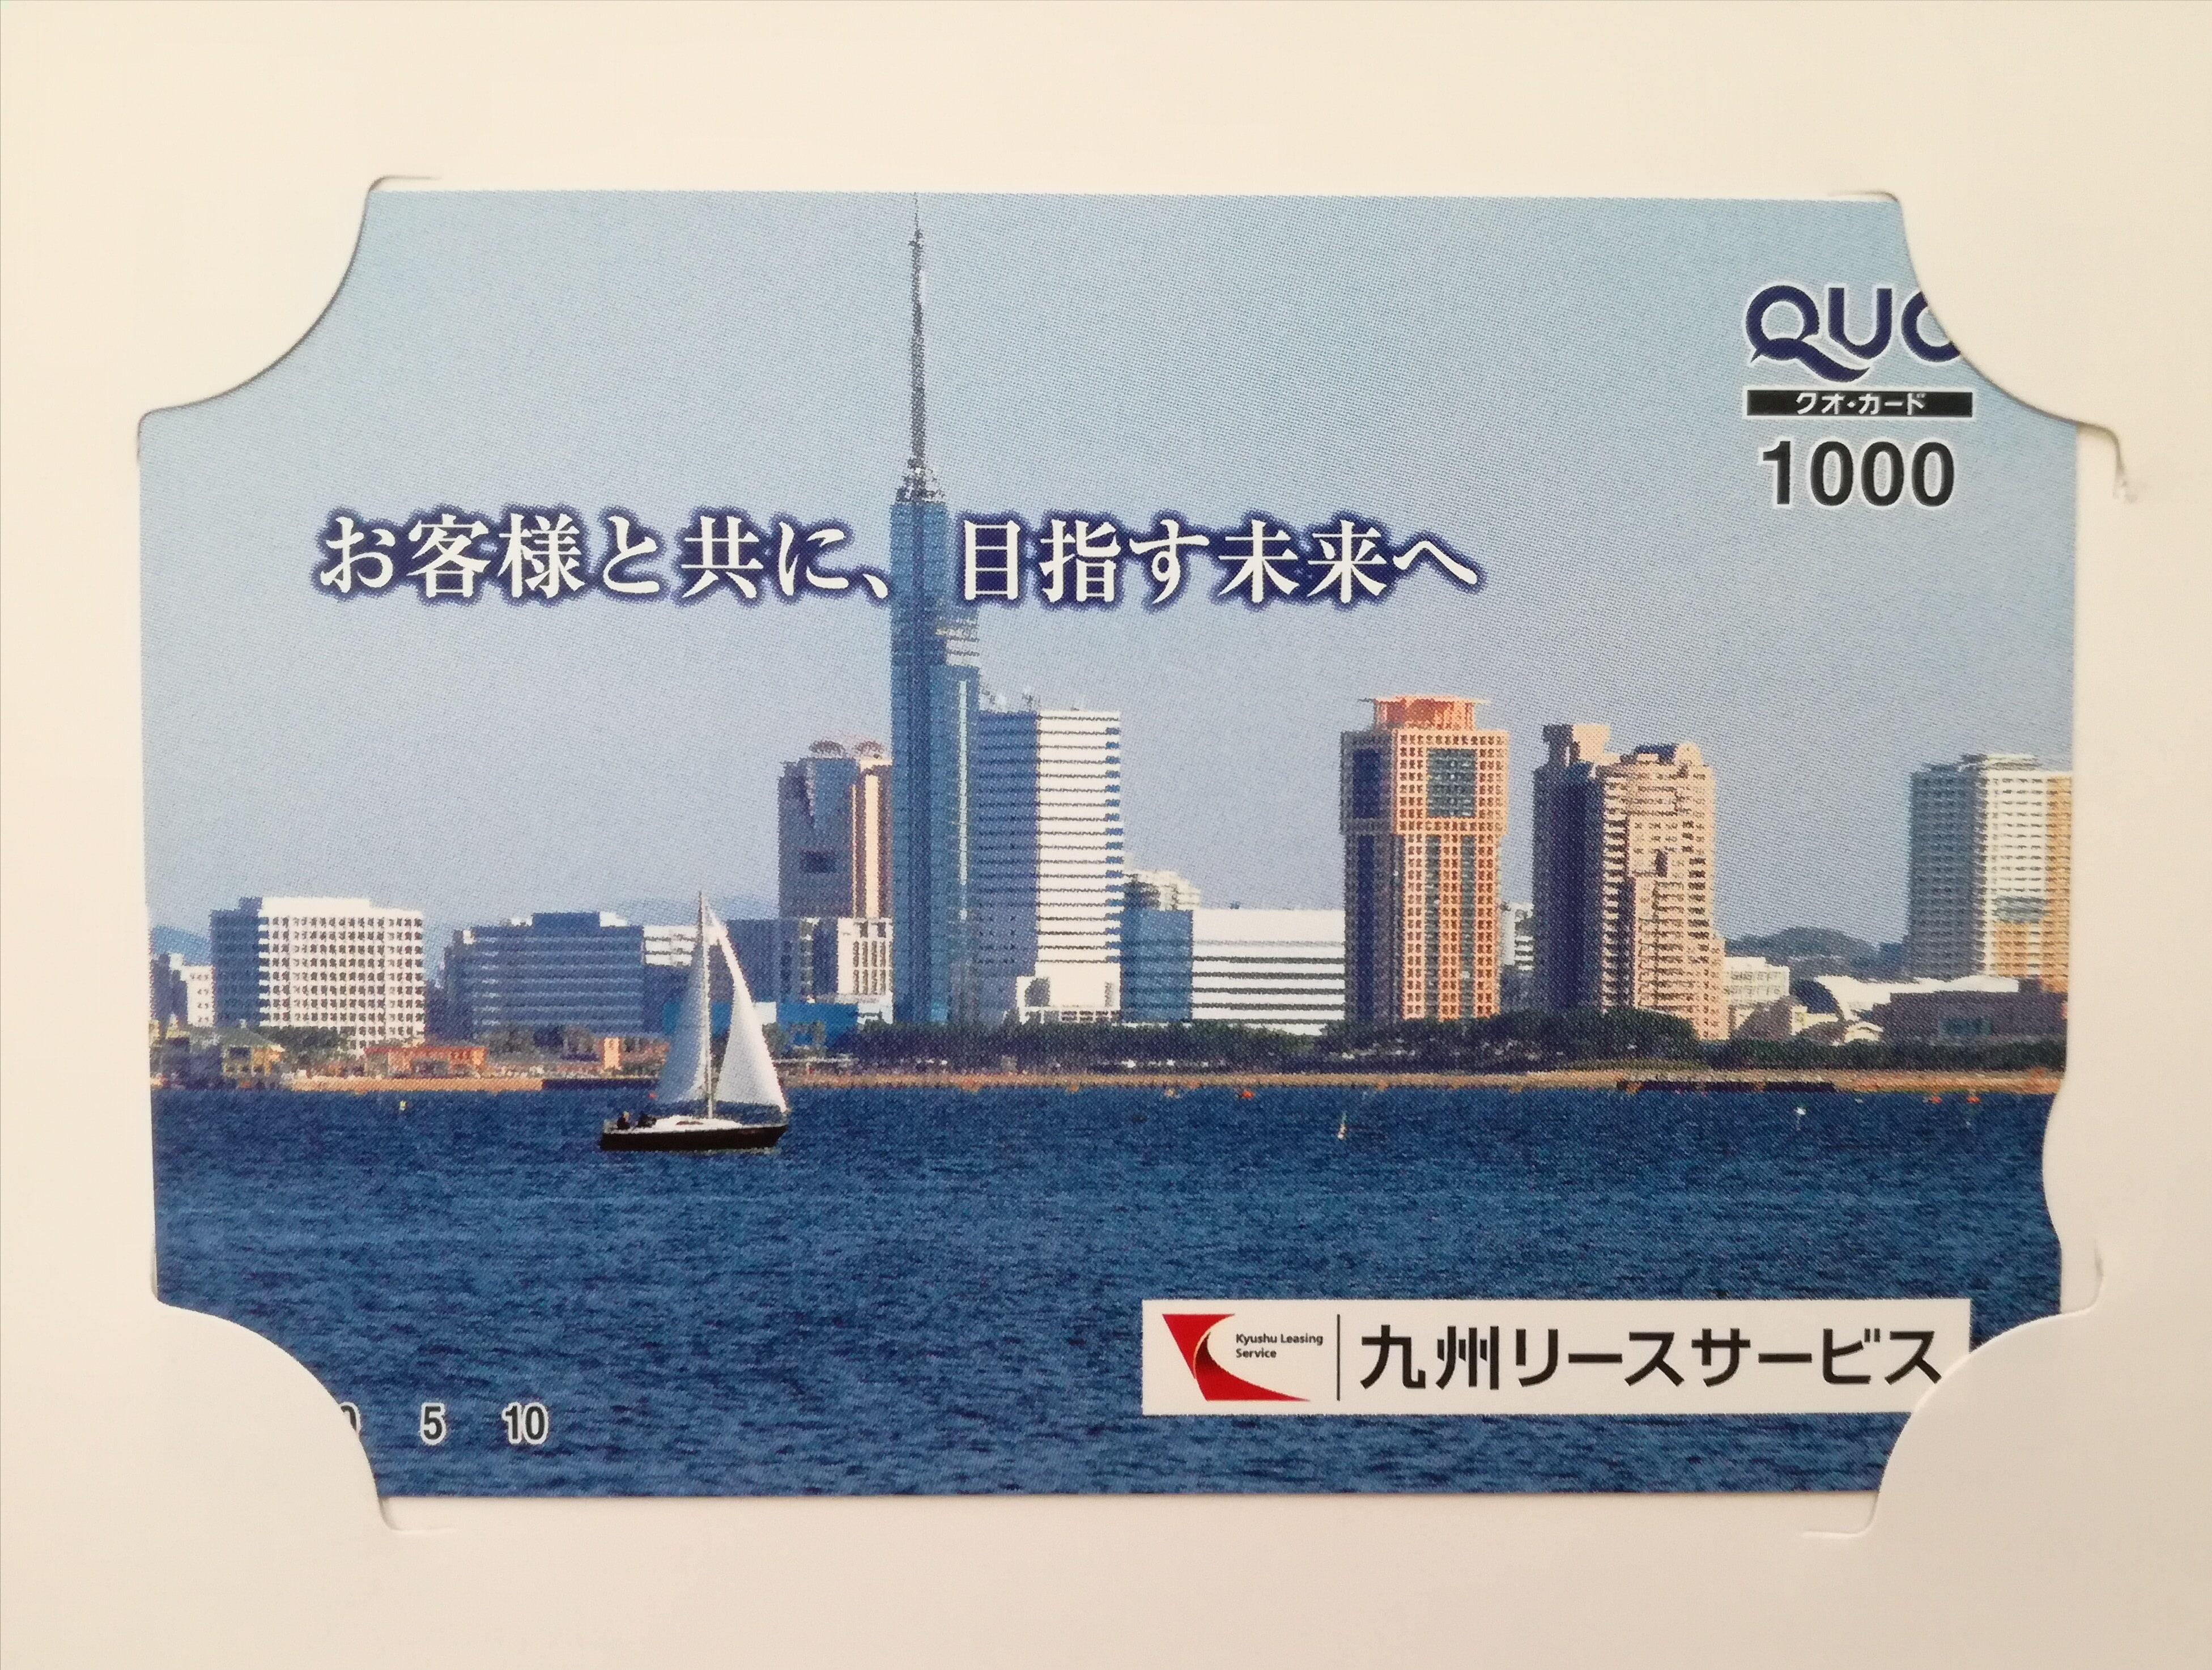 含み損2万円以上の九州リースサービス(8596)から株主優待クオカード1,000円分が到着!